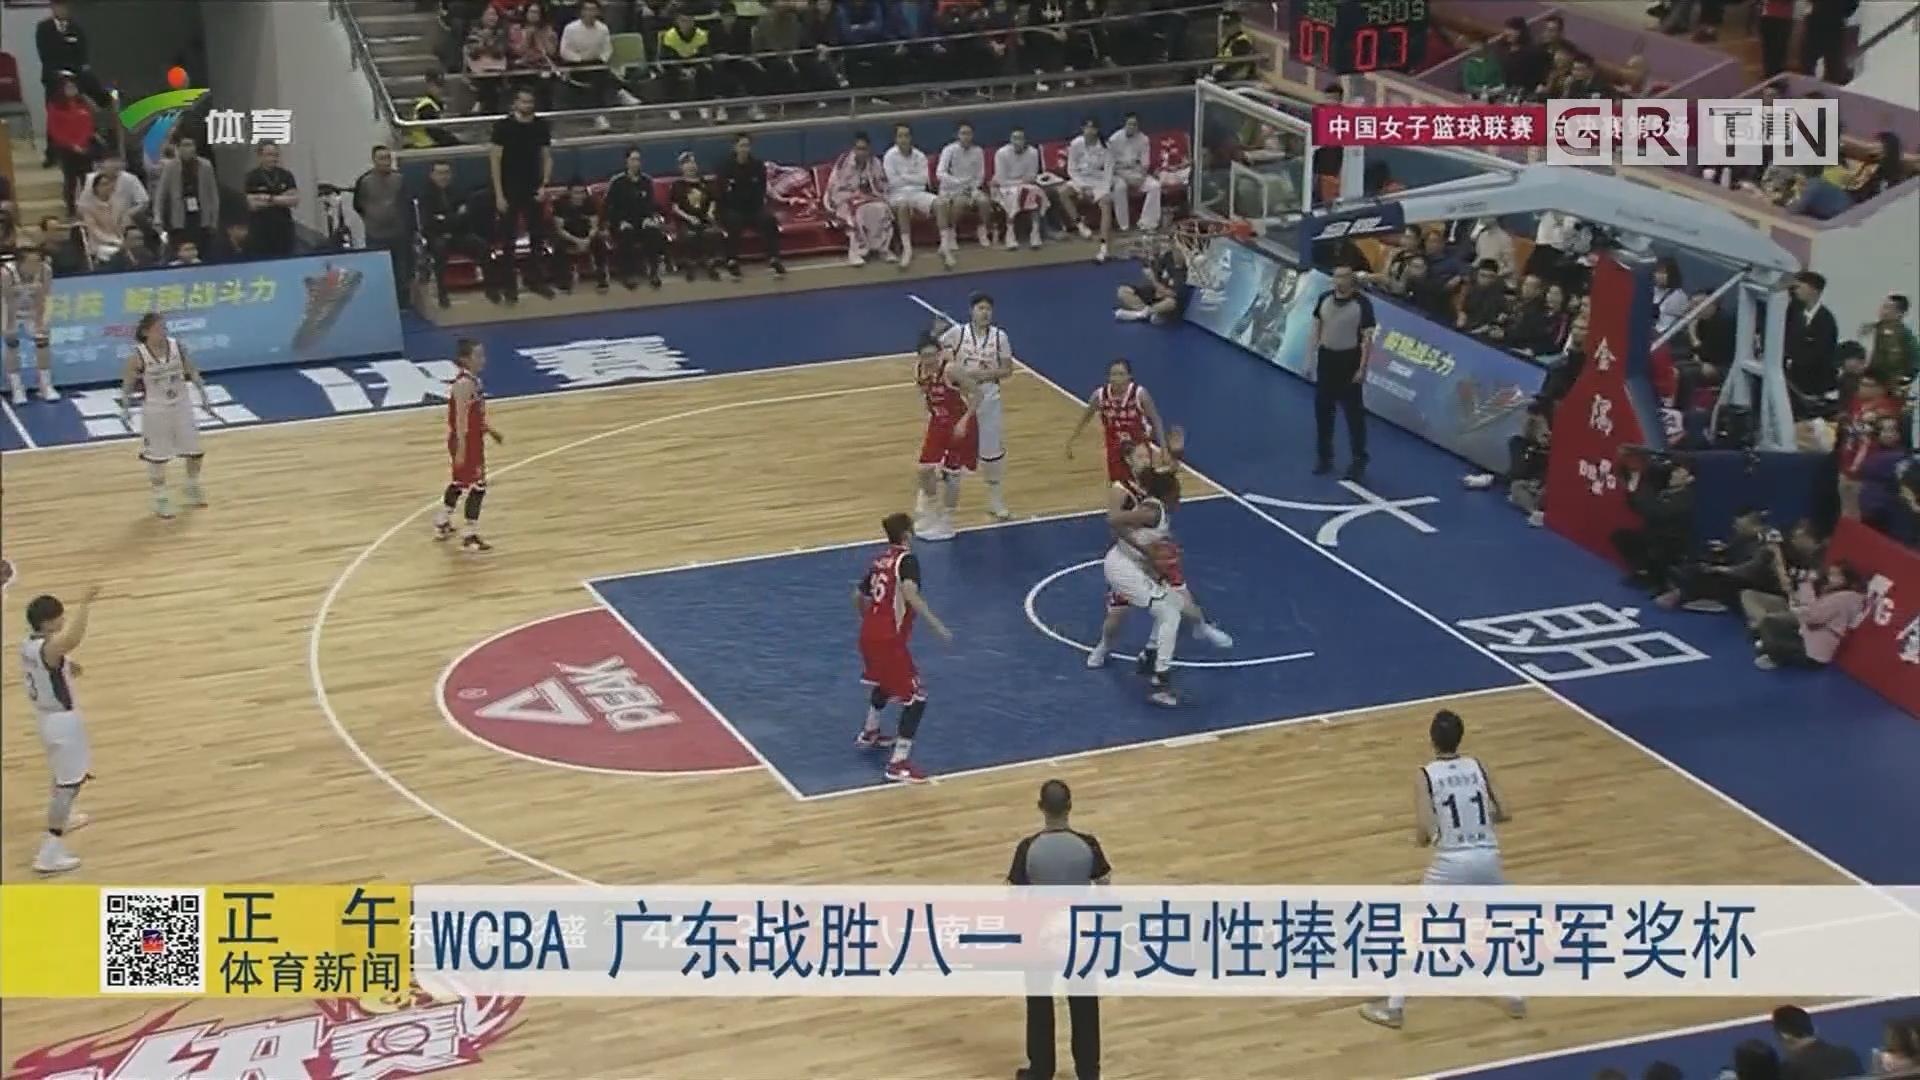 WCBA 广东战胜八一 历史性捧得总冠军奖杯